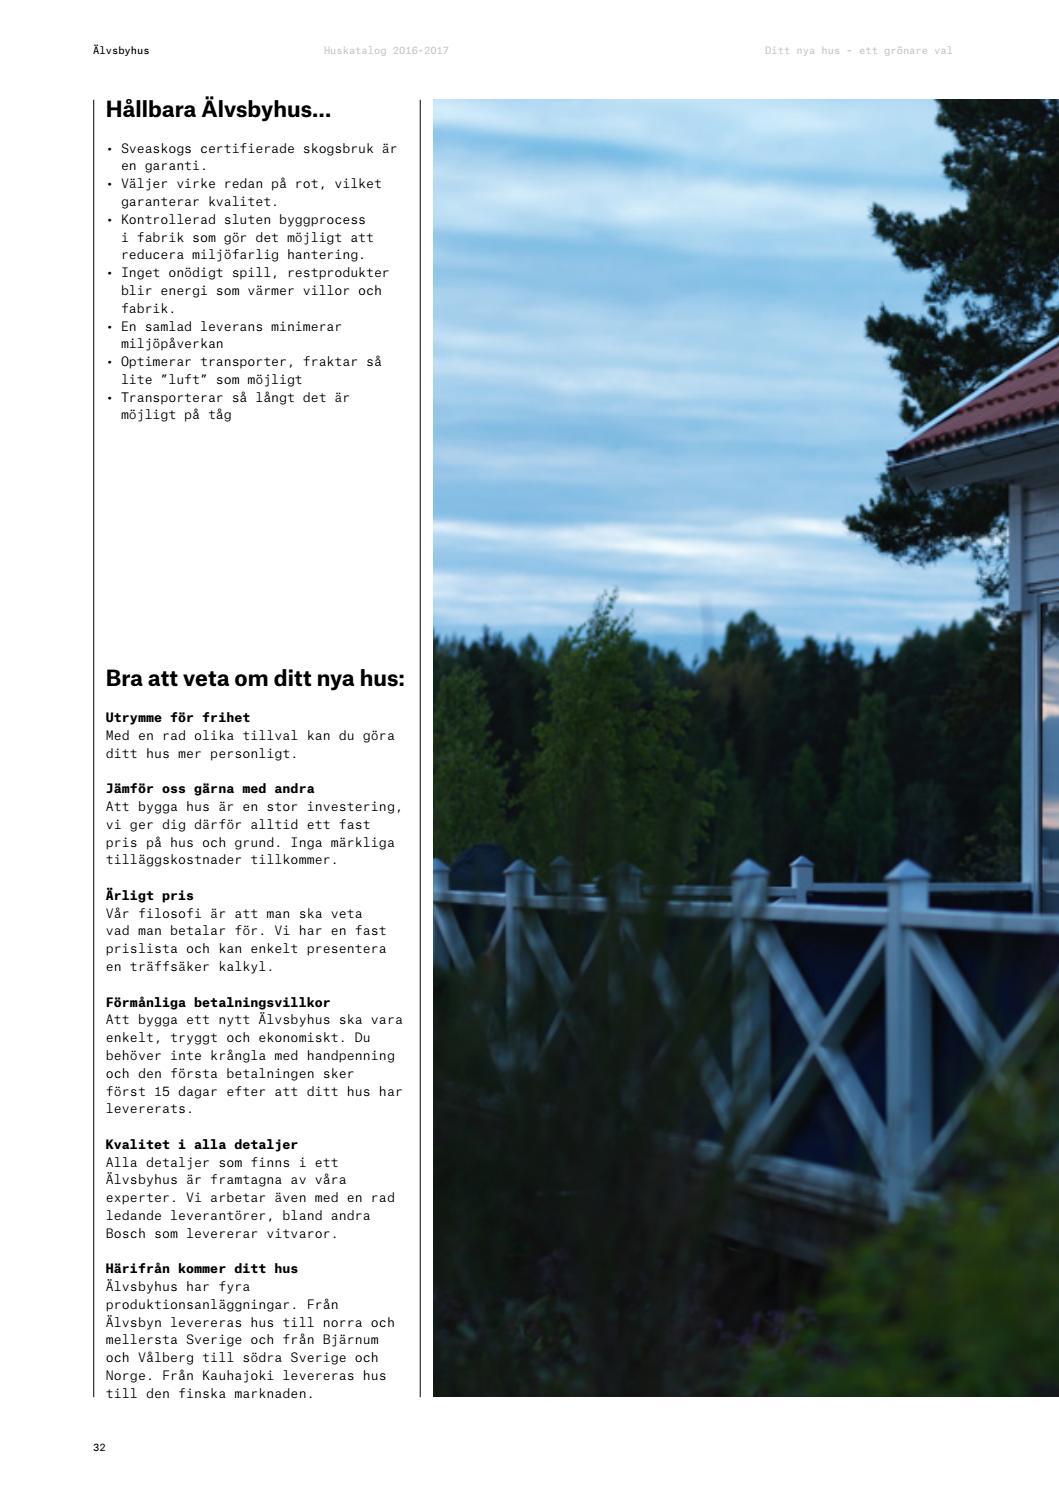 Inredning kalkyl bygga hus : Älvsbyhus Huskatalog 2016-2017 by Älvsbyhus - issuu